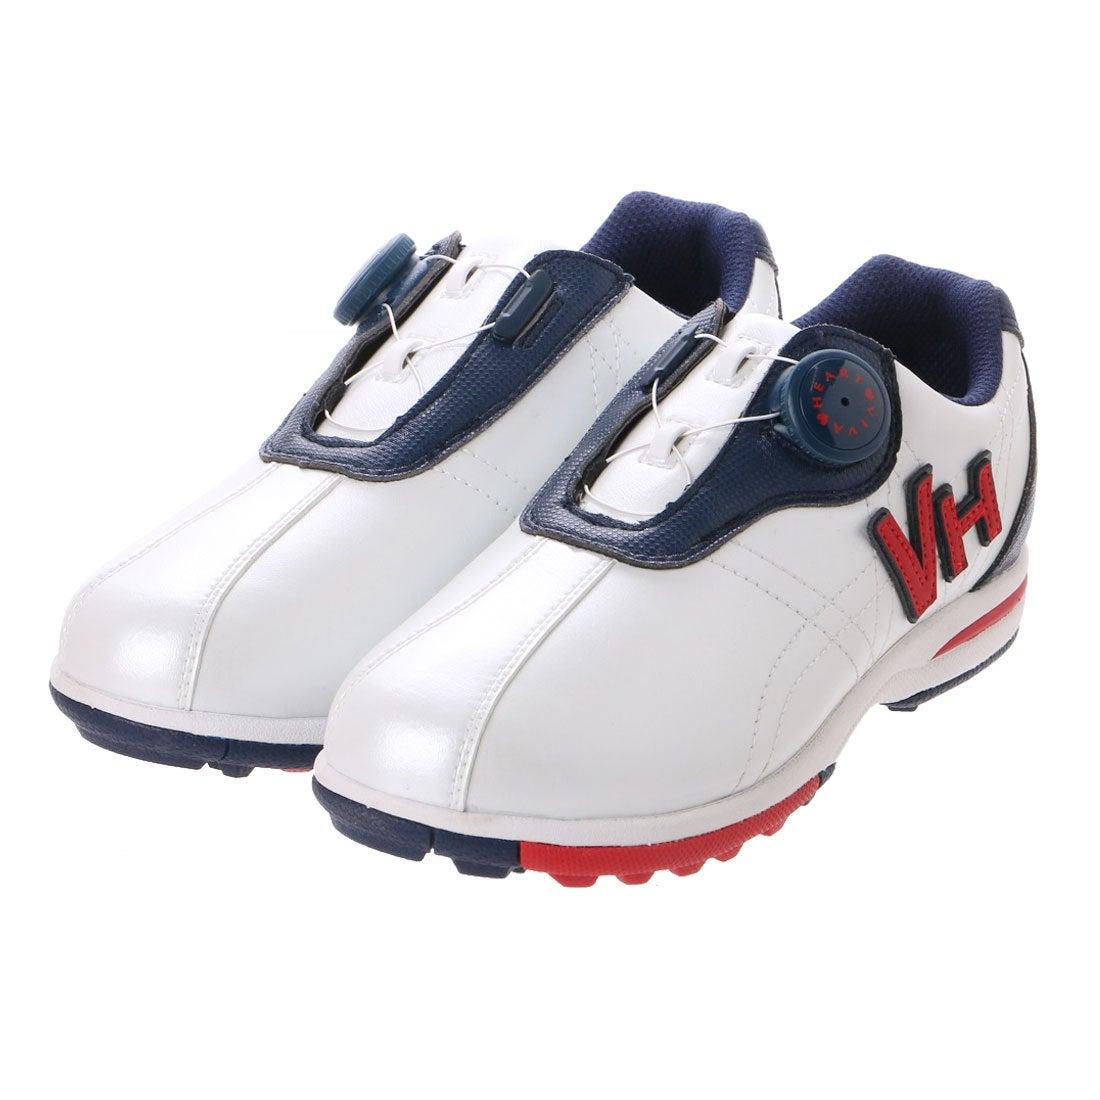 ビバハート VIVA HEART レディース ゴルフ ダイヤル式スパイクレスシューズ VHK006WH30 890 レディース